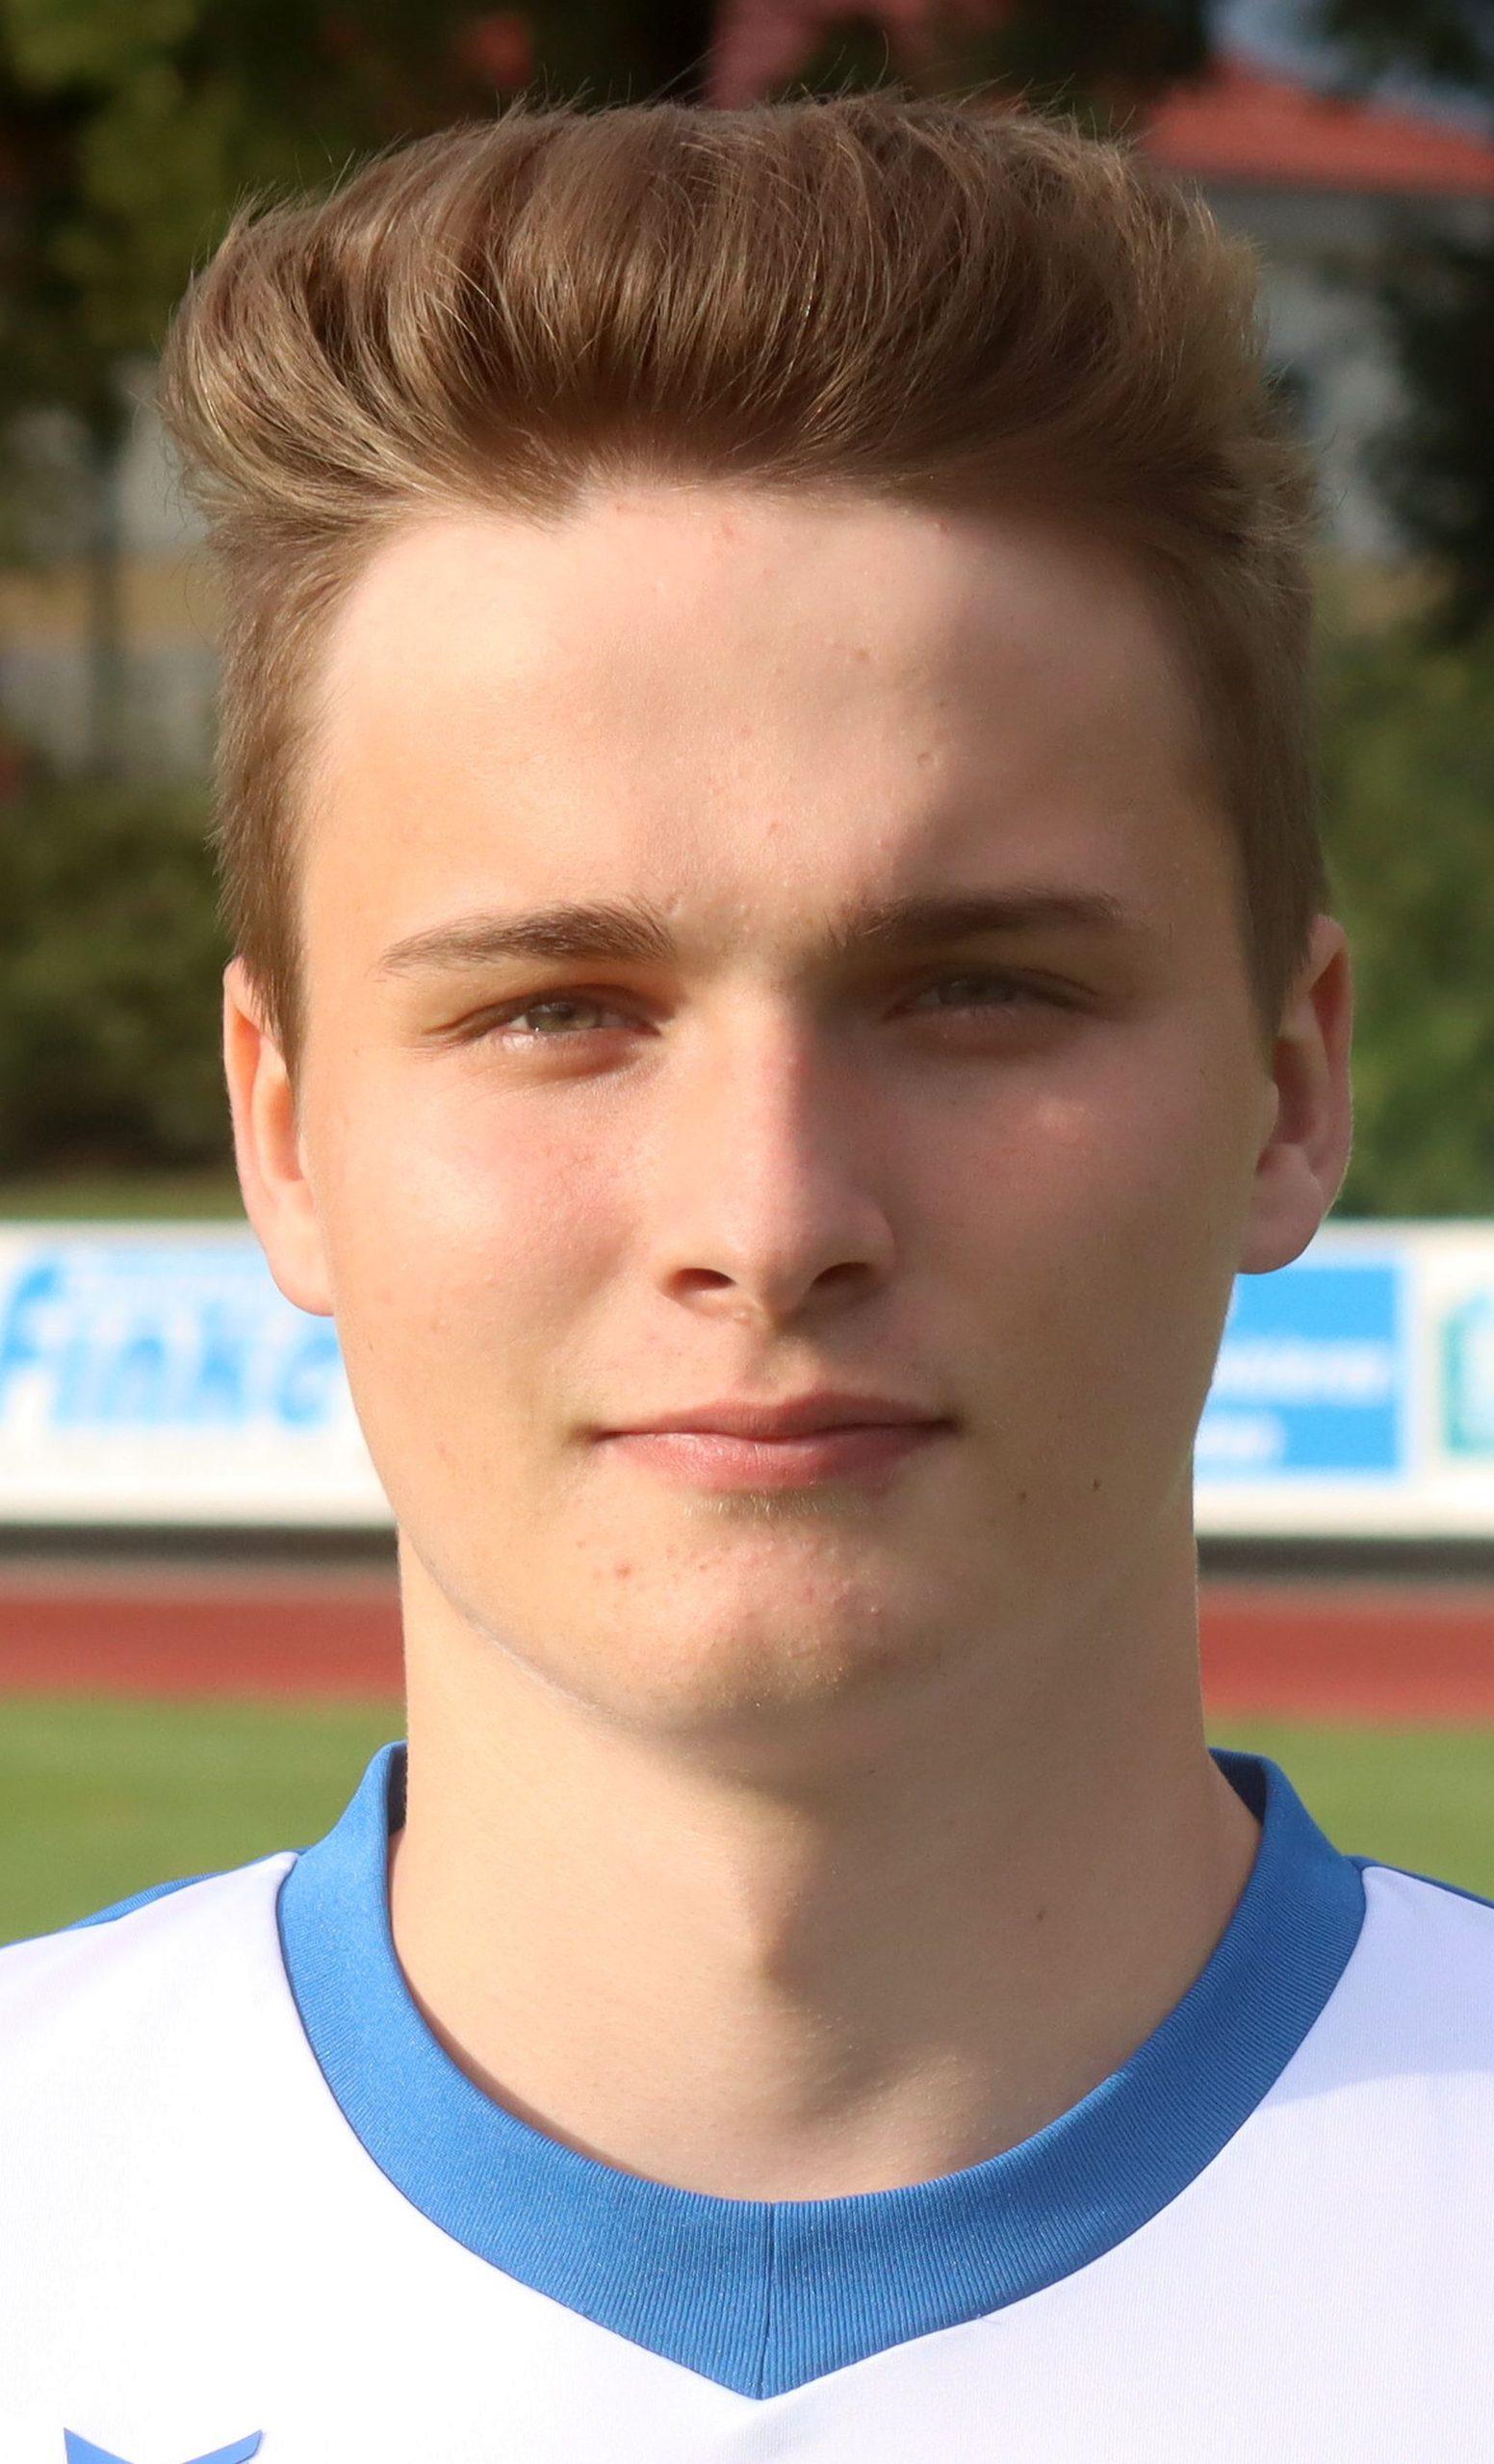 Lukas Behm